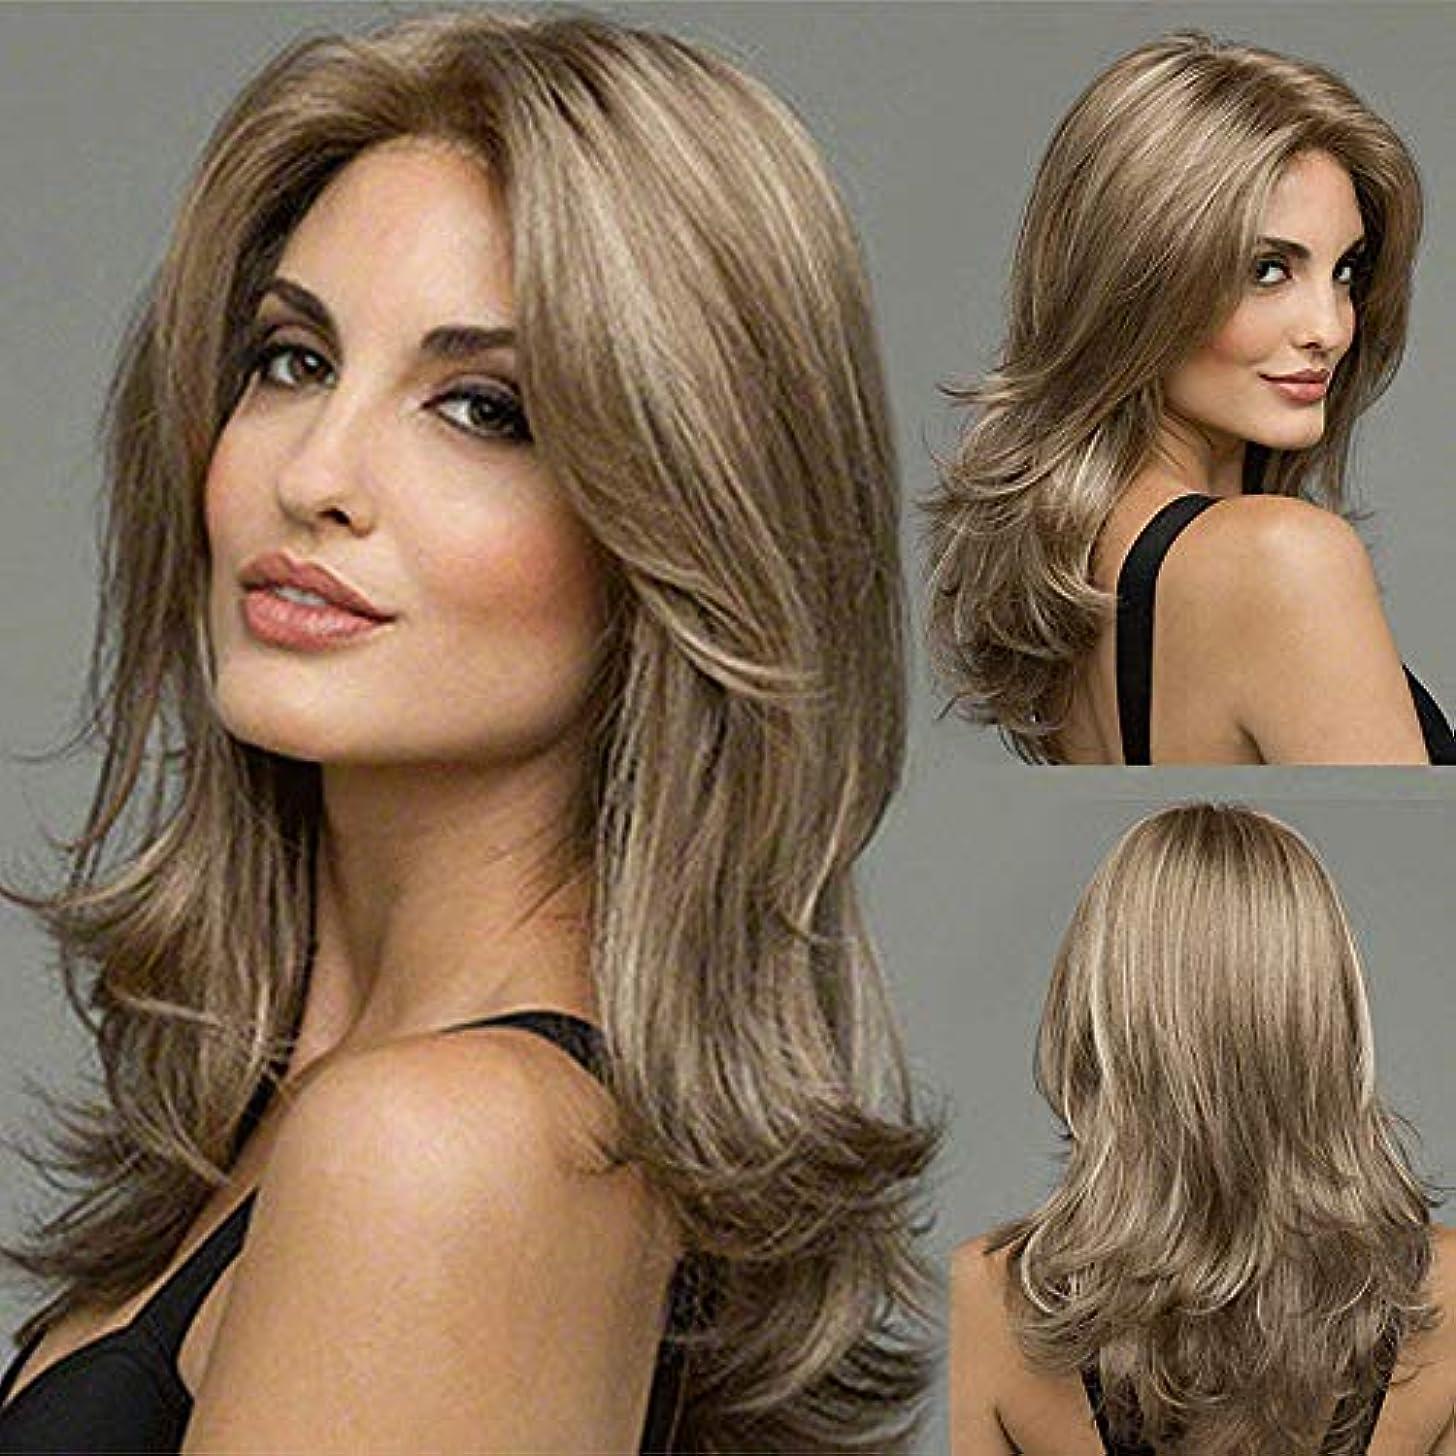 確認する豊富確率女性のための茶色のかつら長い波状合成かつら中間別れ熱半手耐性グルーレス茶色のかつらパーティー衣装コスプレウィッグ